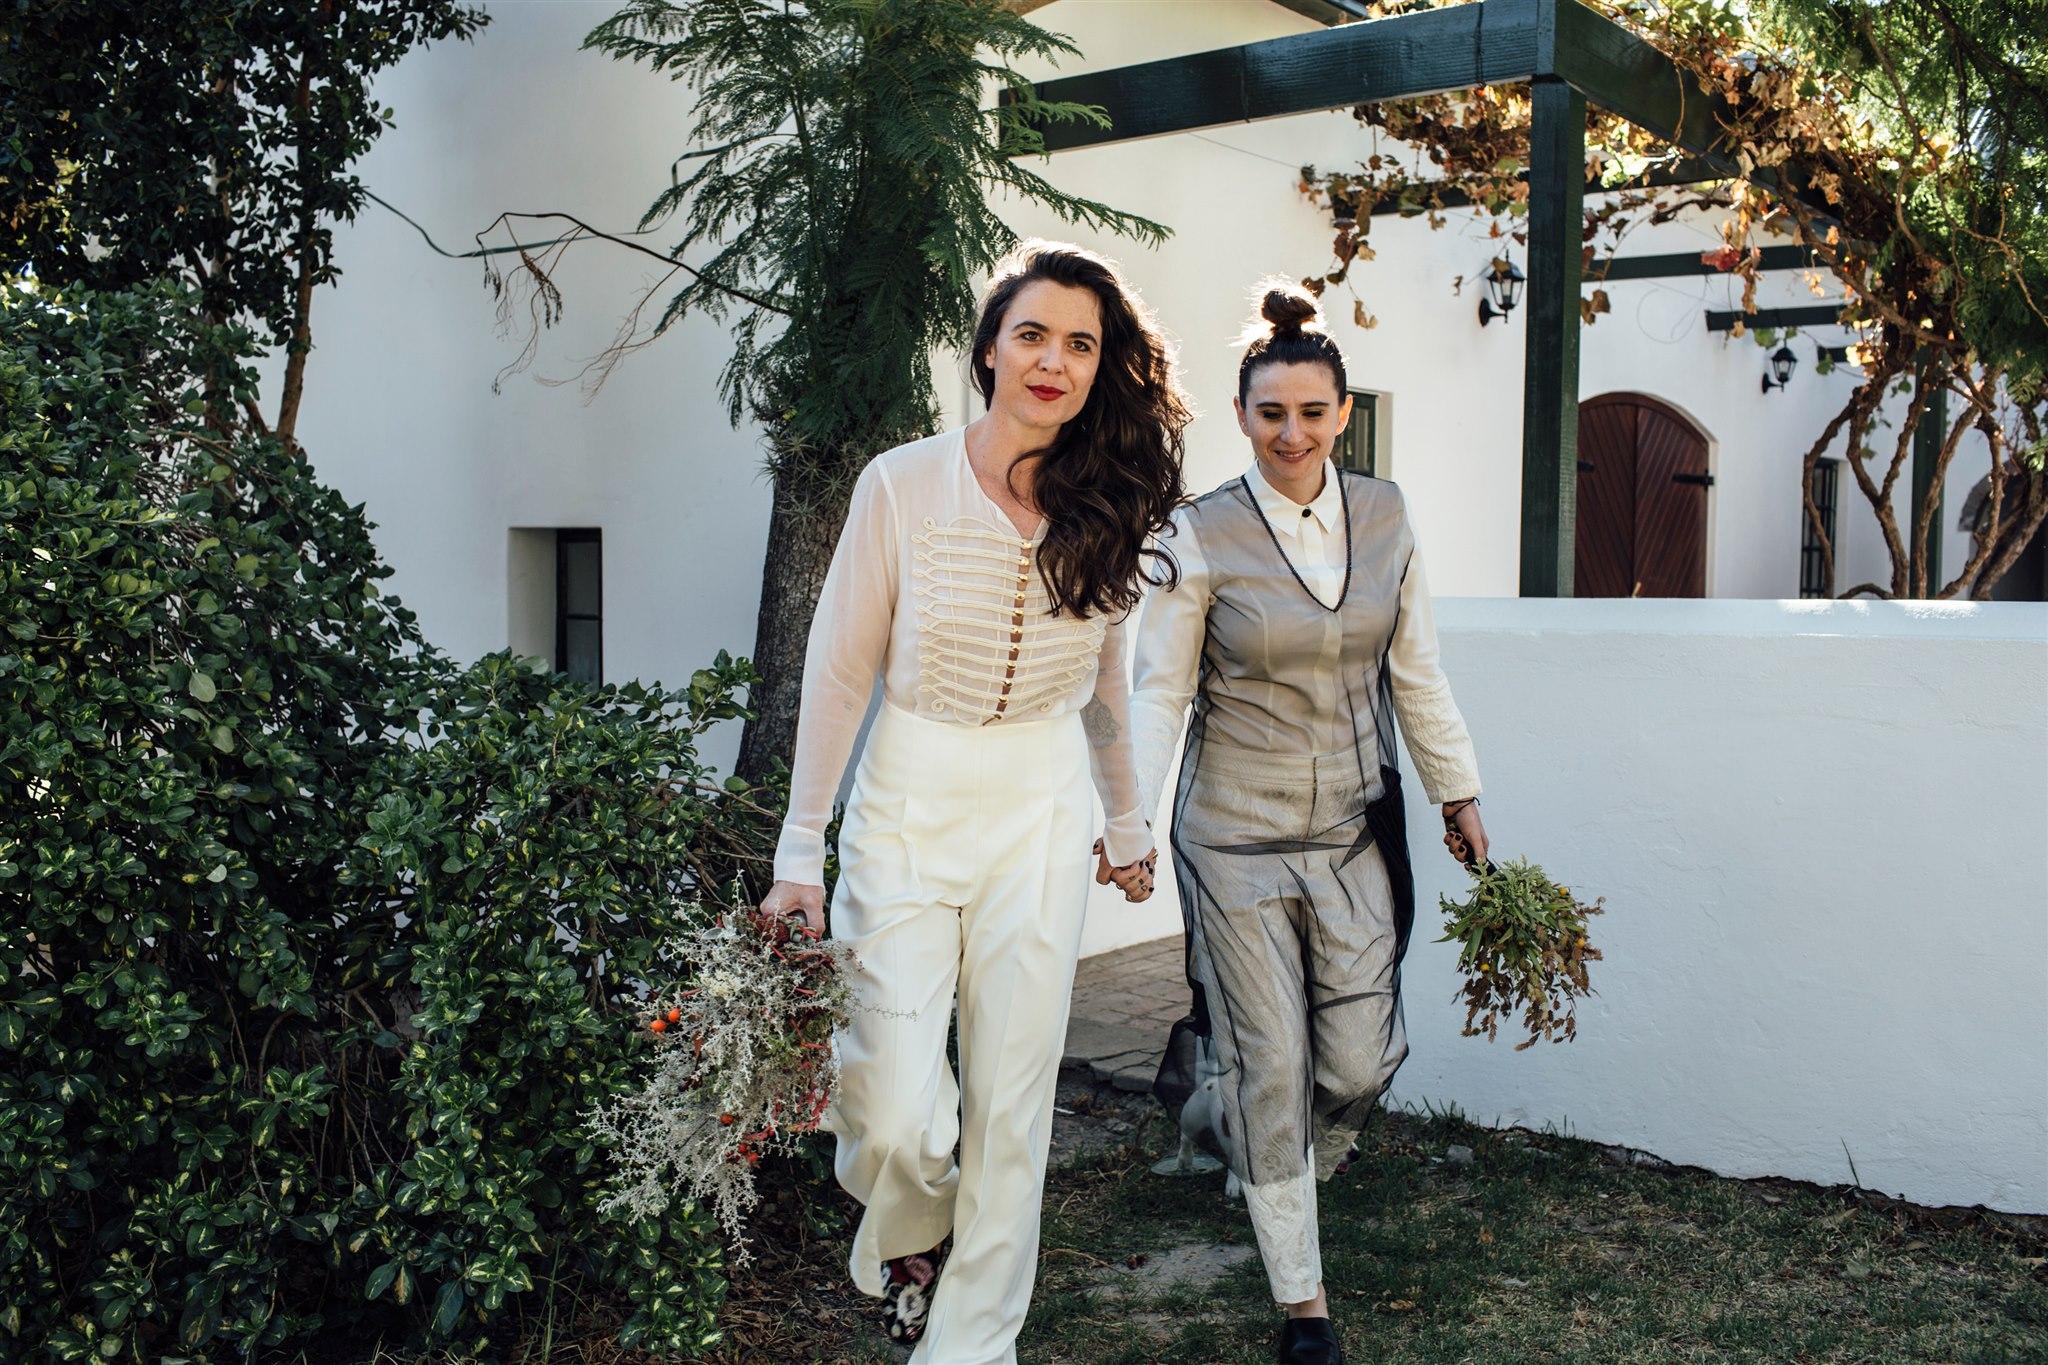 Sophie & Leila